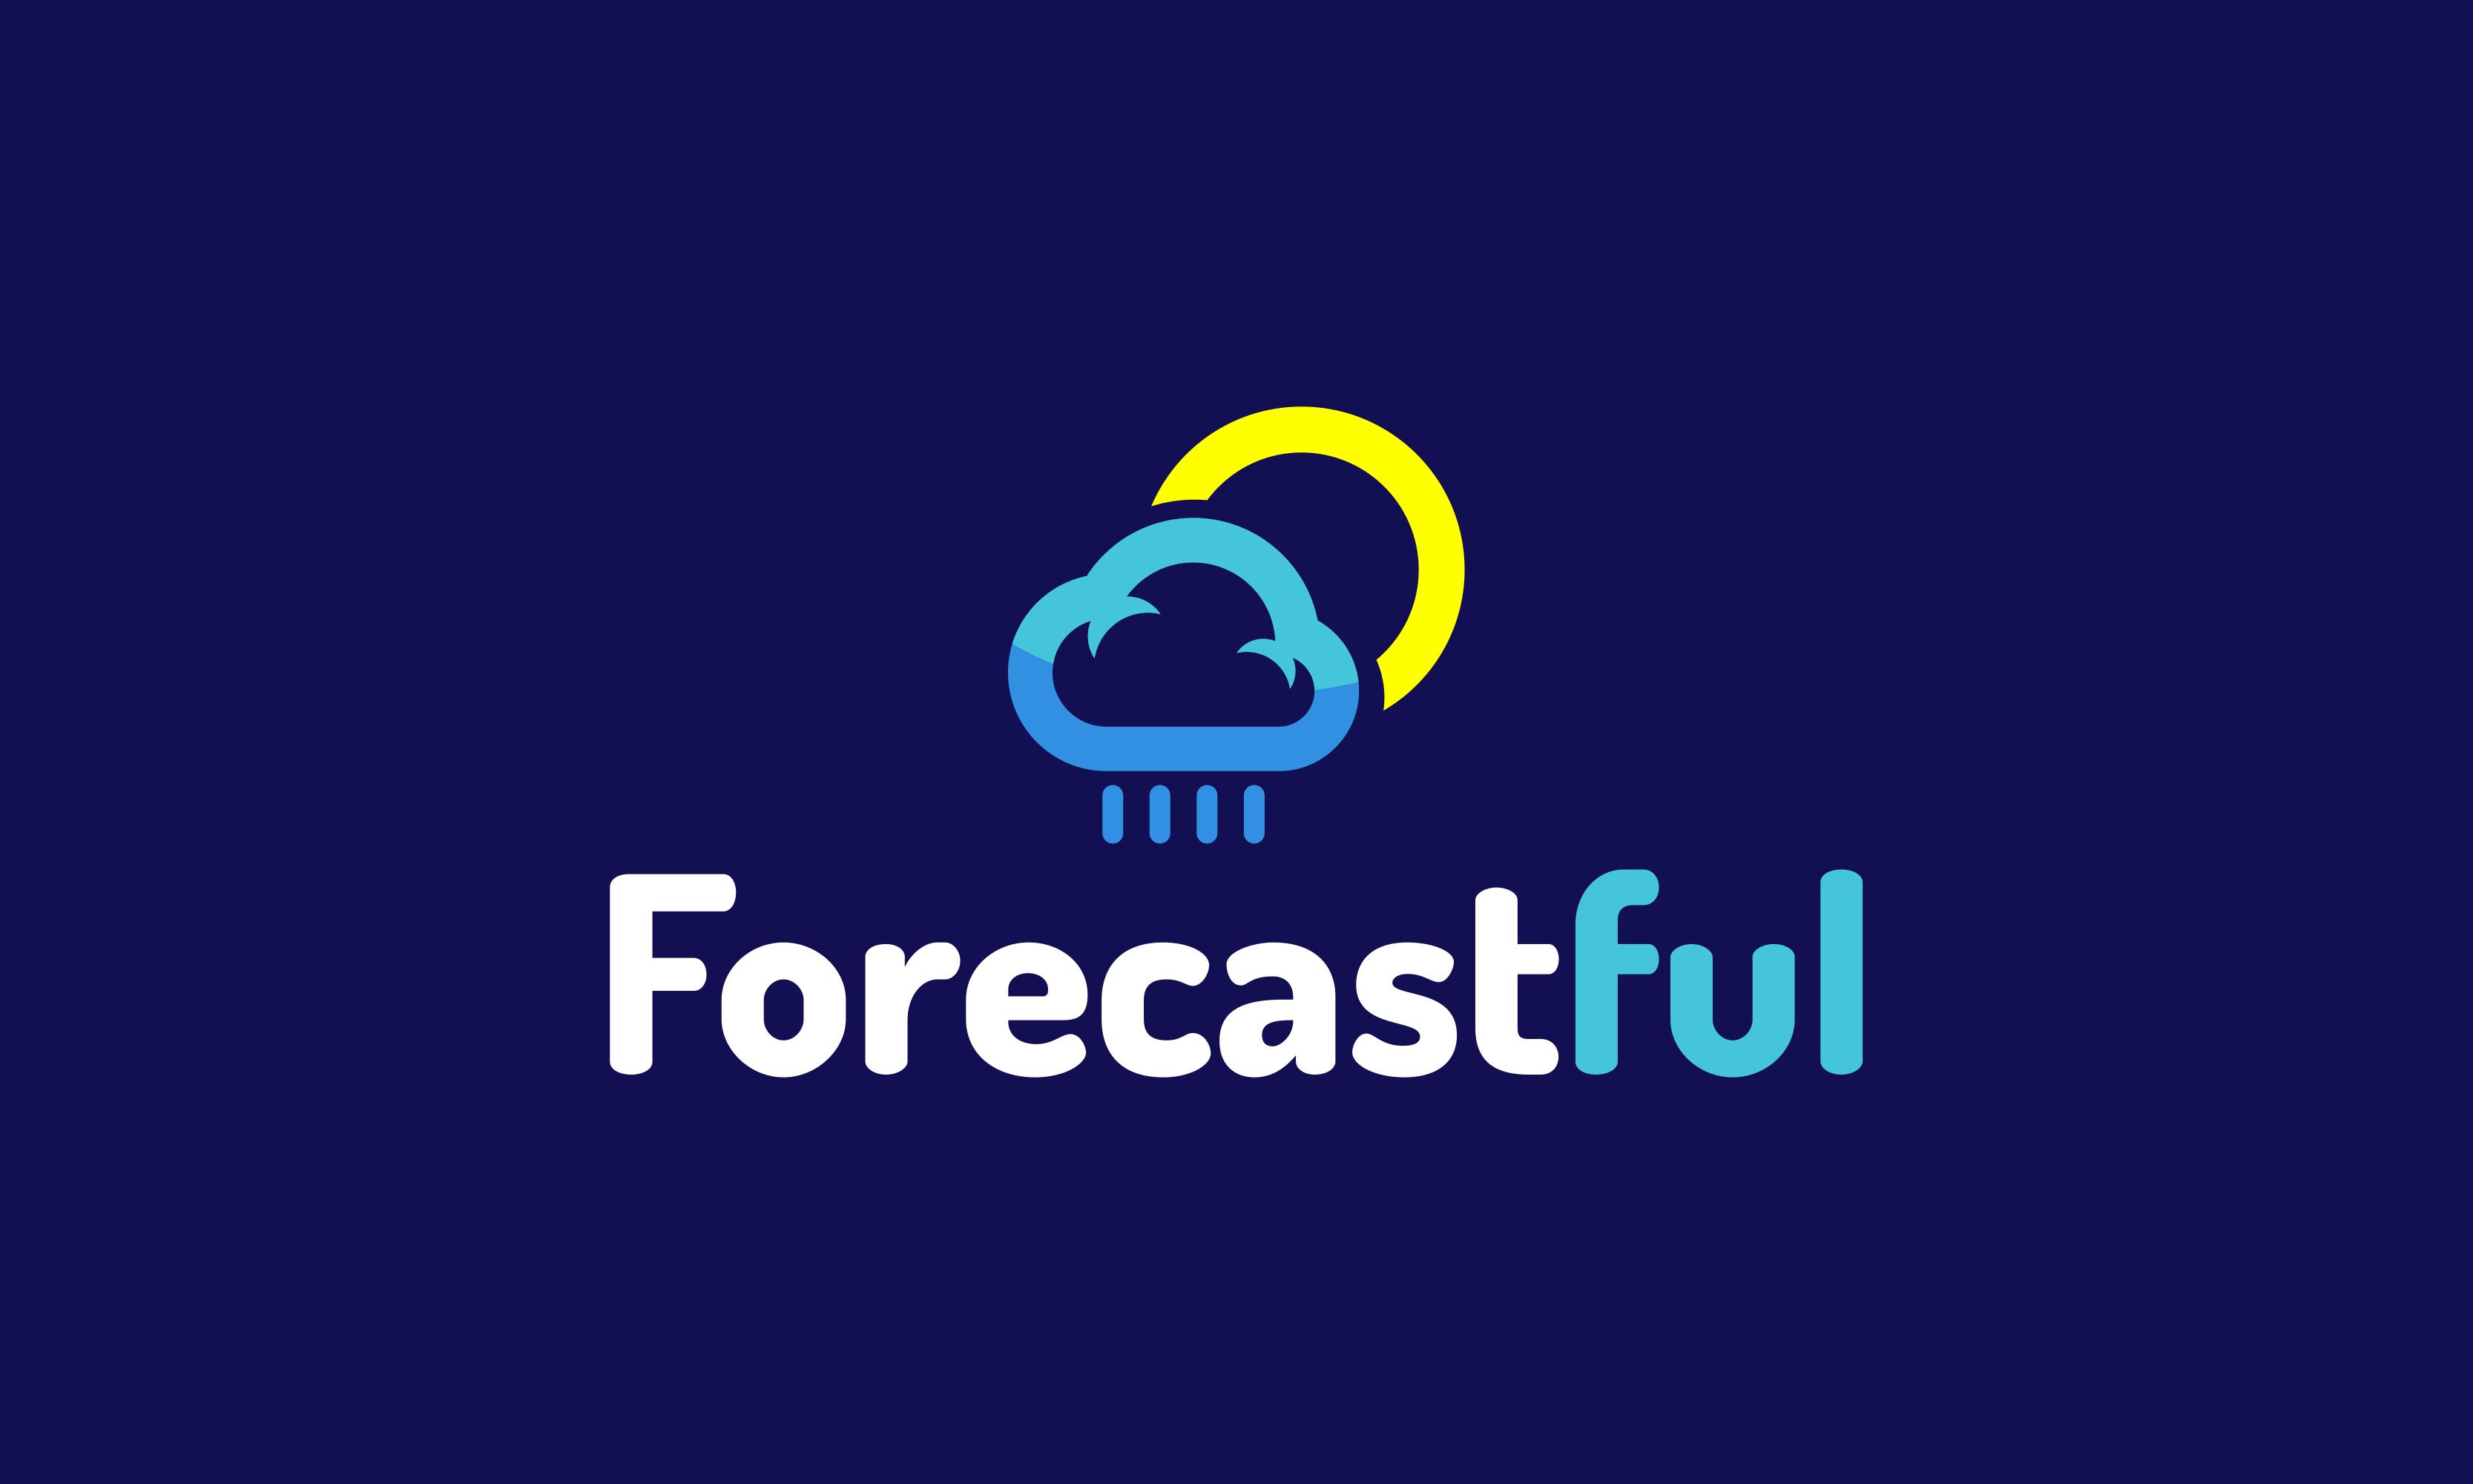 Forecastful